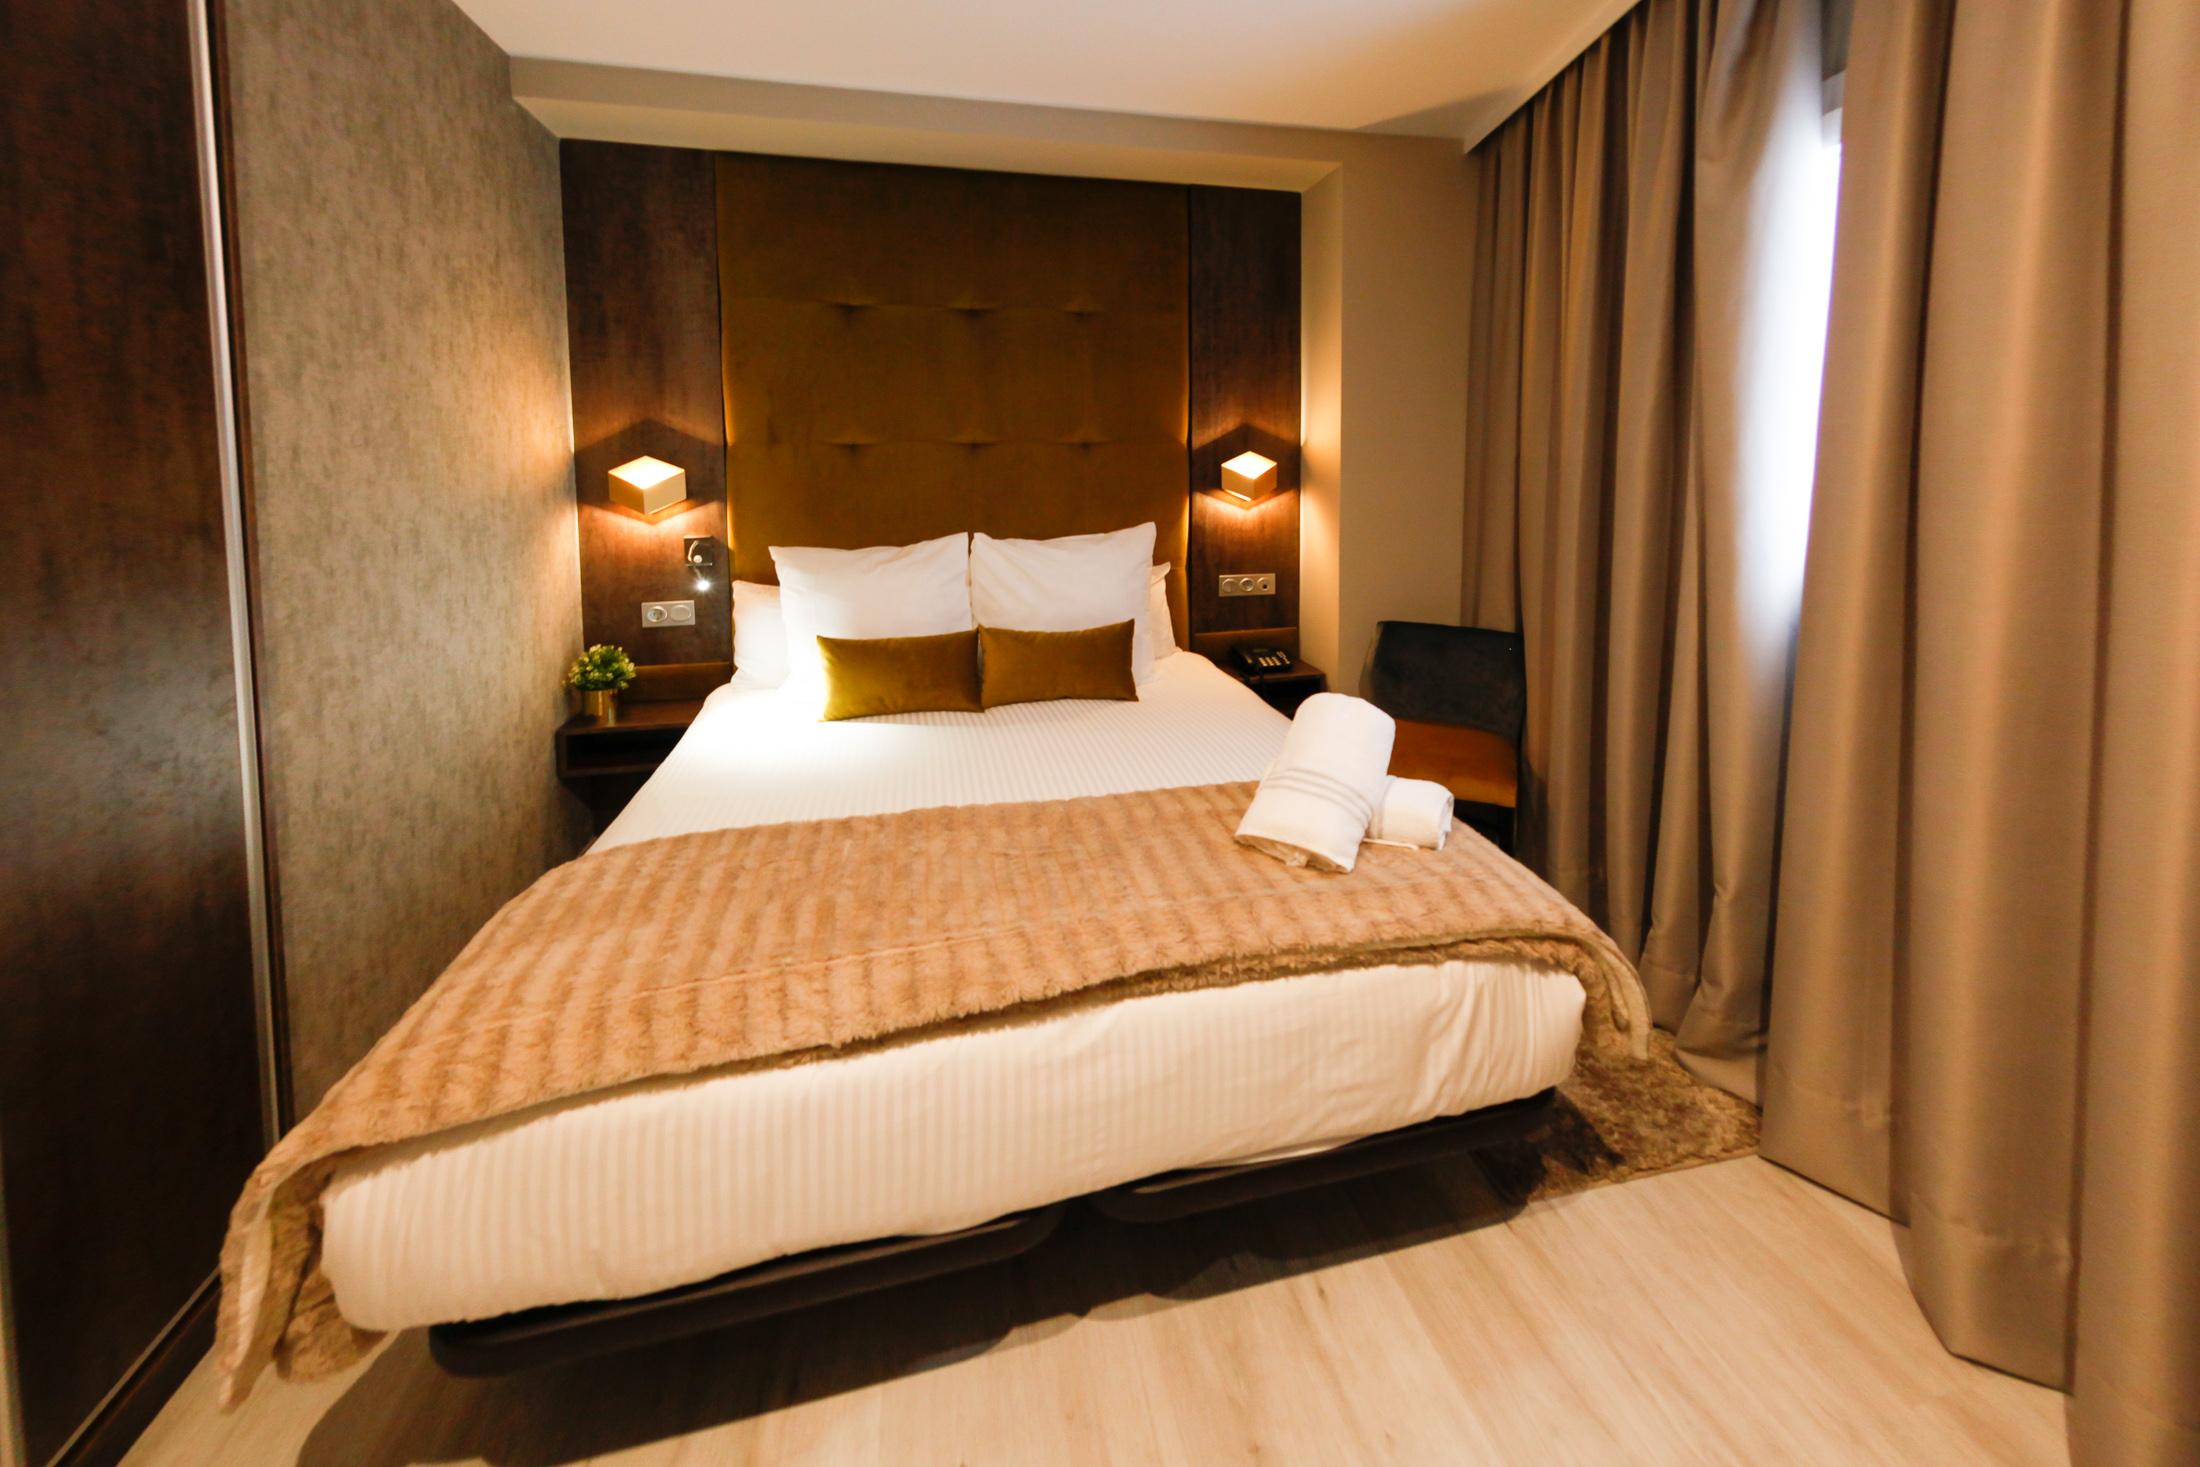 Hotel-Hercules-Segunda-12